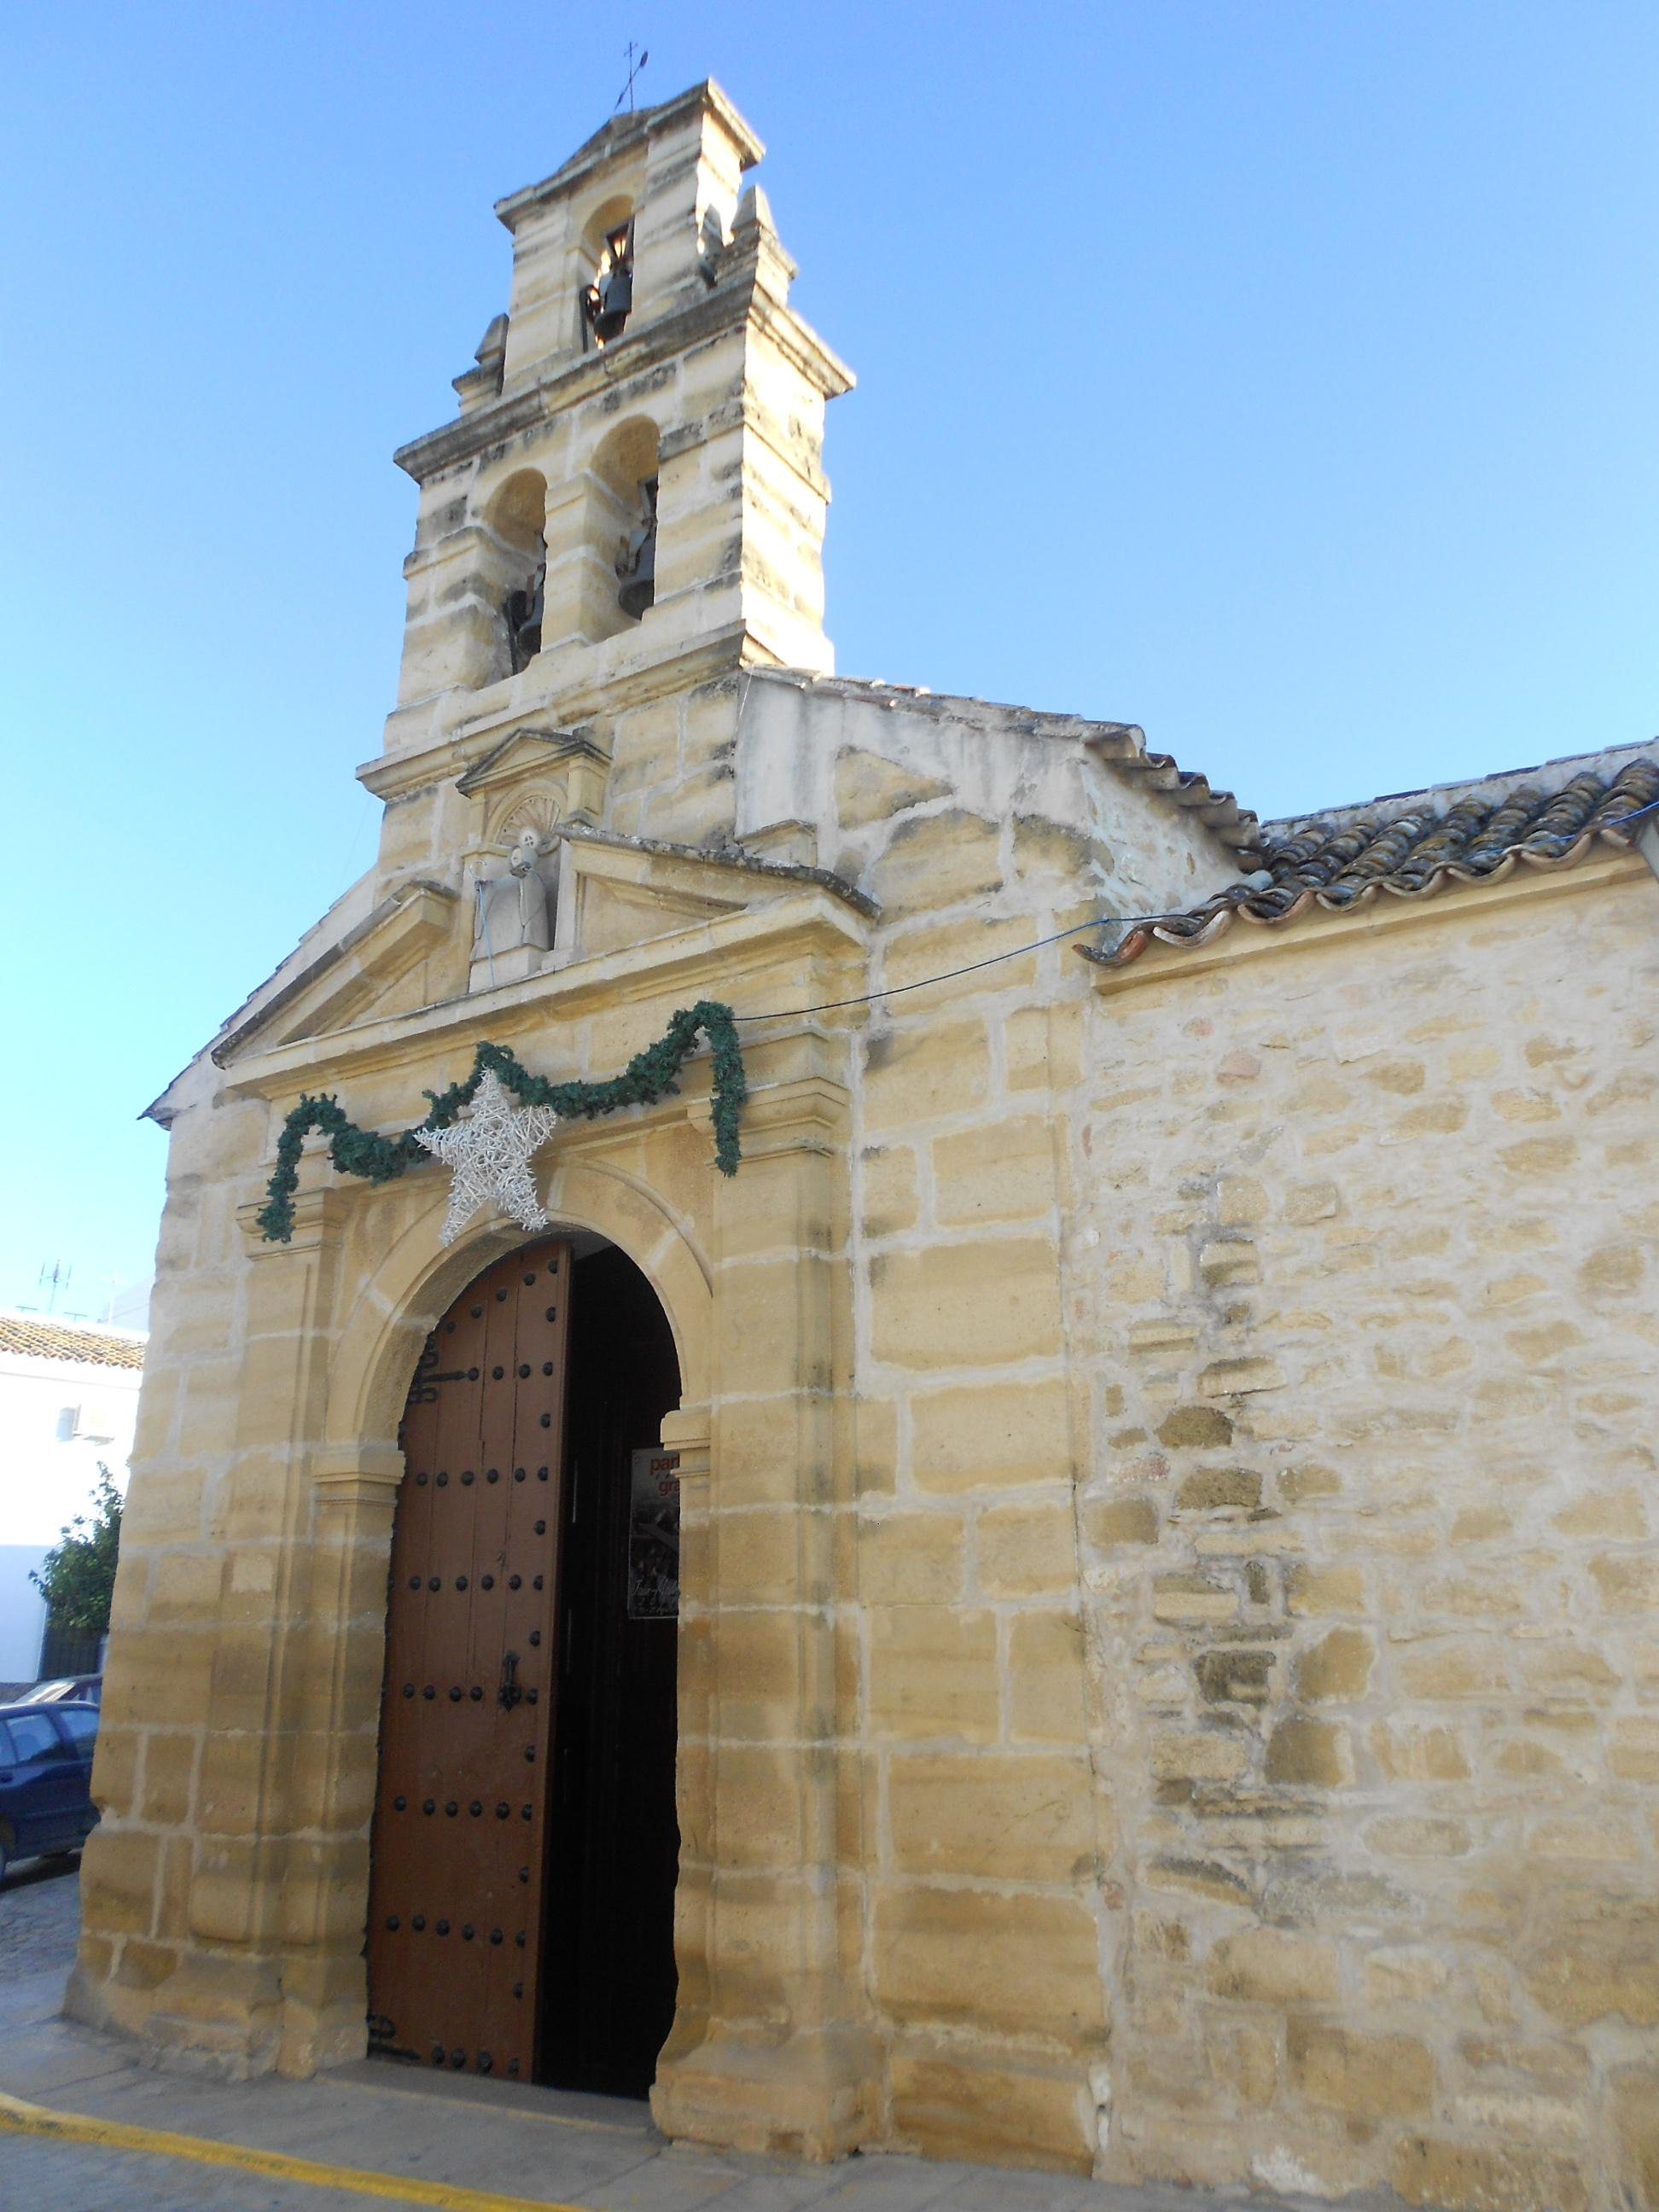 IGLESIA_DE_SAN_BENITO._PORCUNA_(JAÉN)._SPAIN